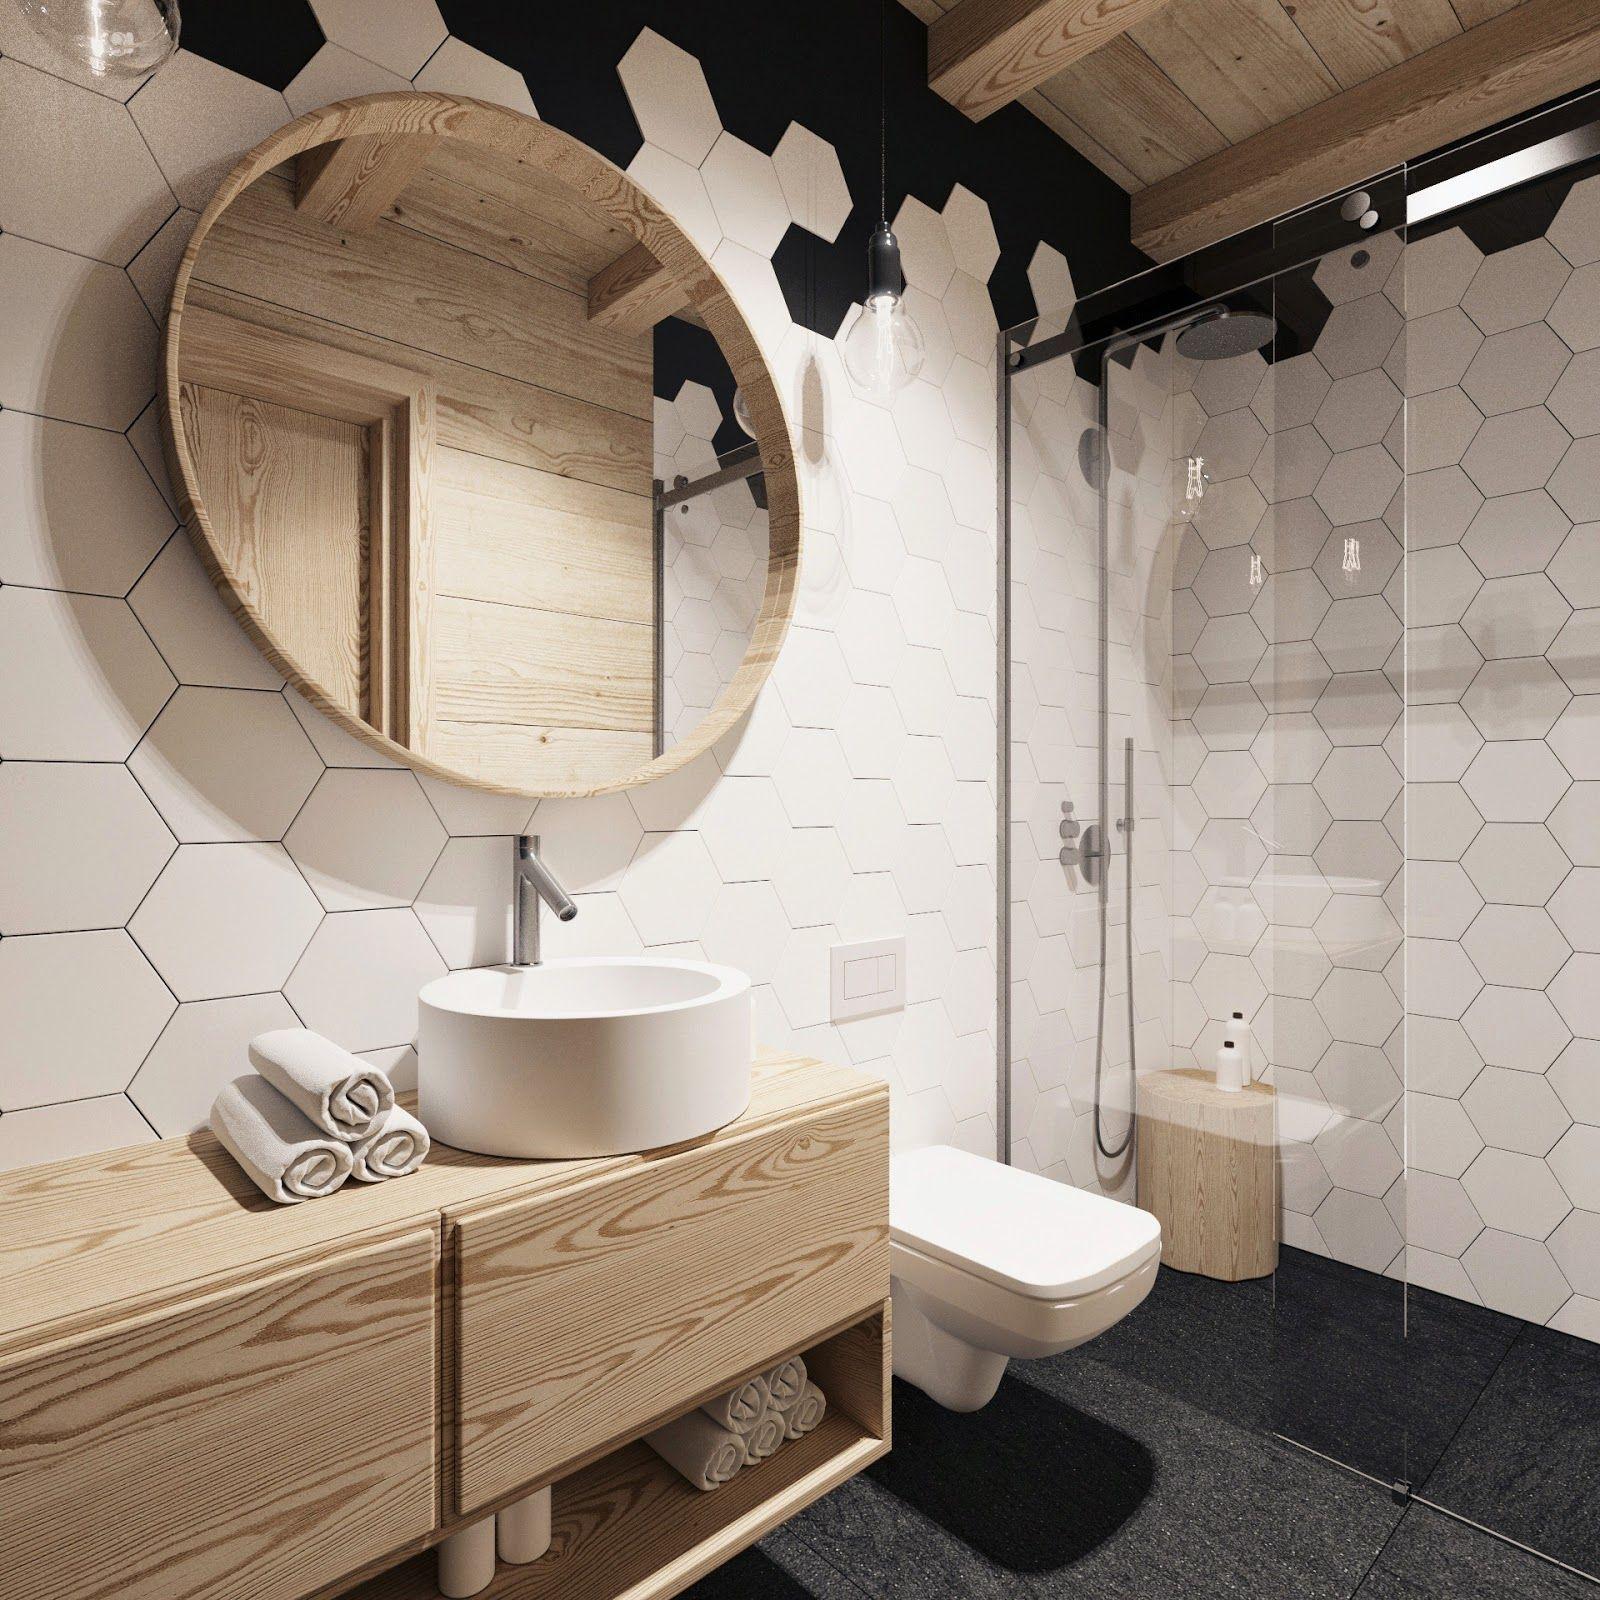 blog dla ludzi z wnętrzem: PŁYTKI HEKSAGONALNE  Deco  Pinterest  욕실 ...